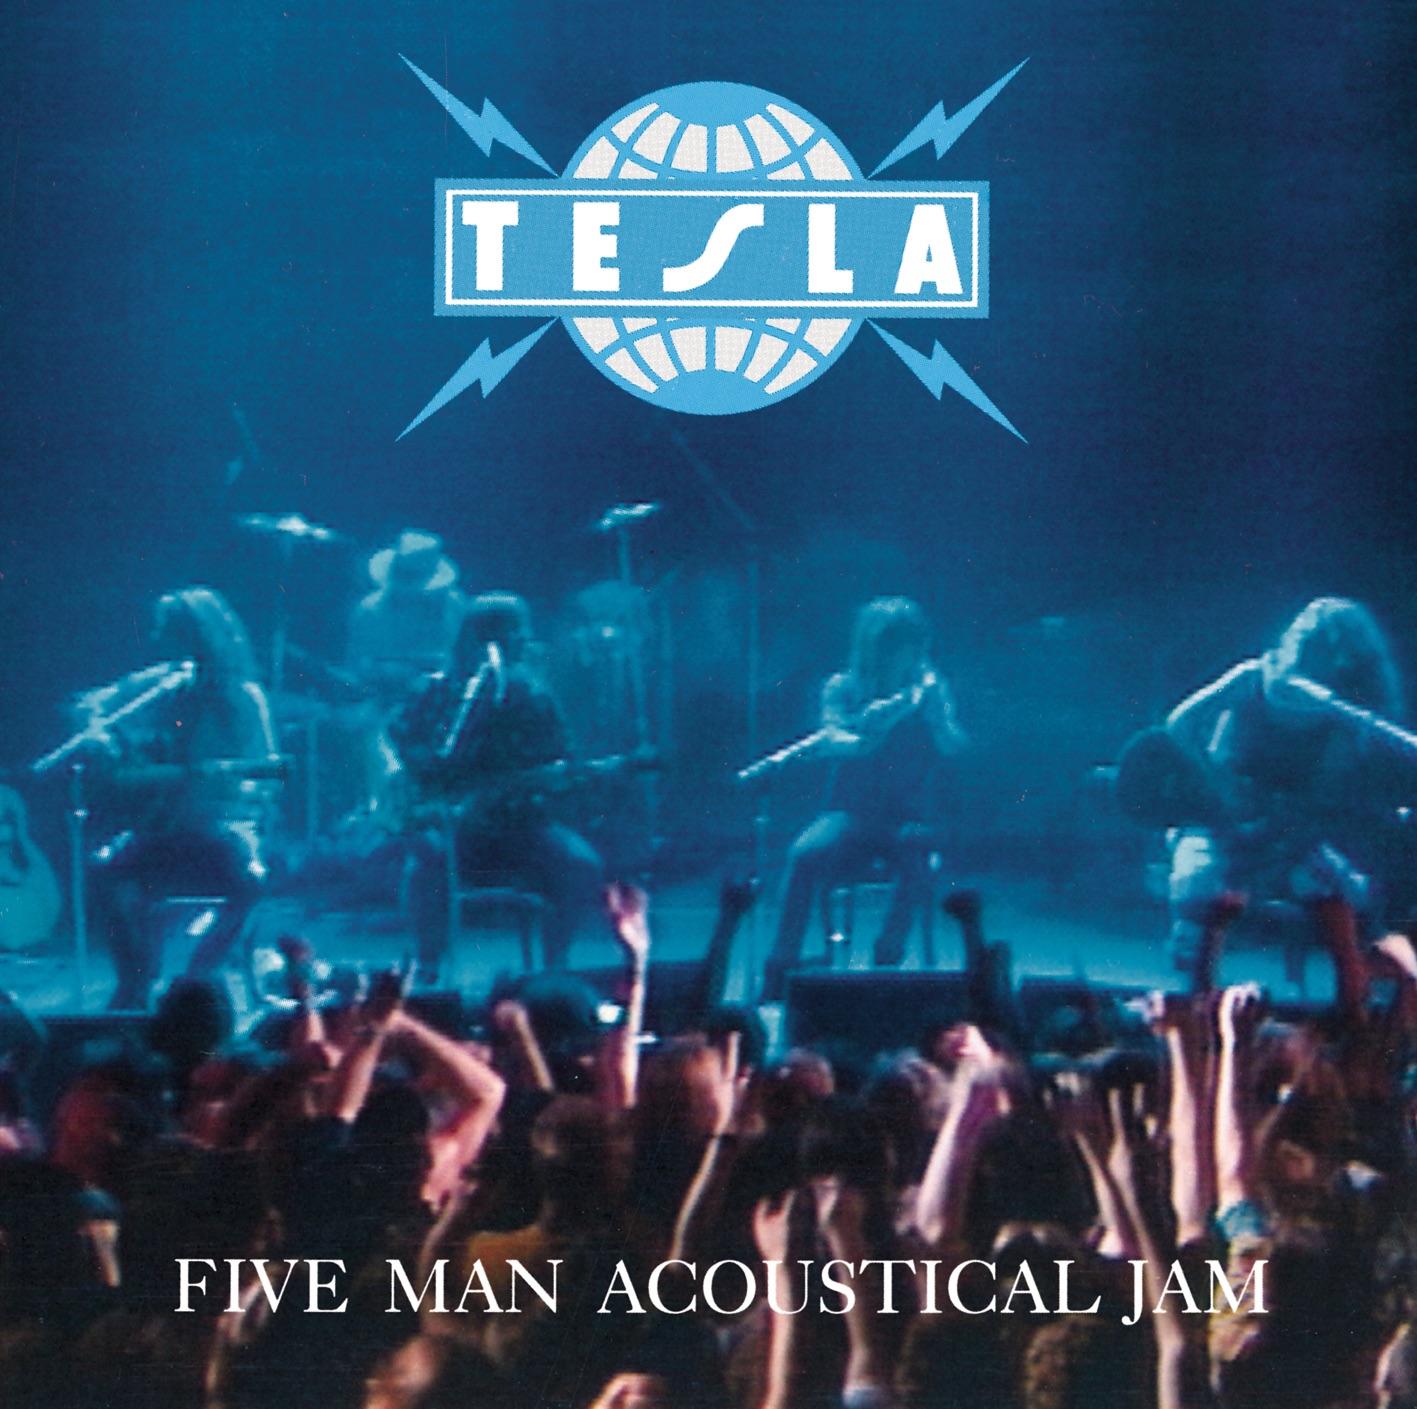 Five Man Acoustical Jam (Live)